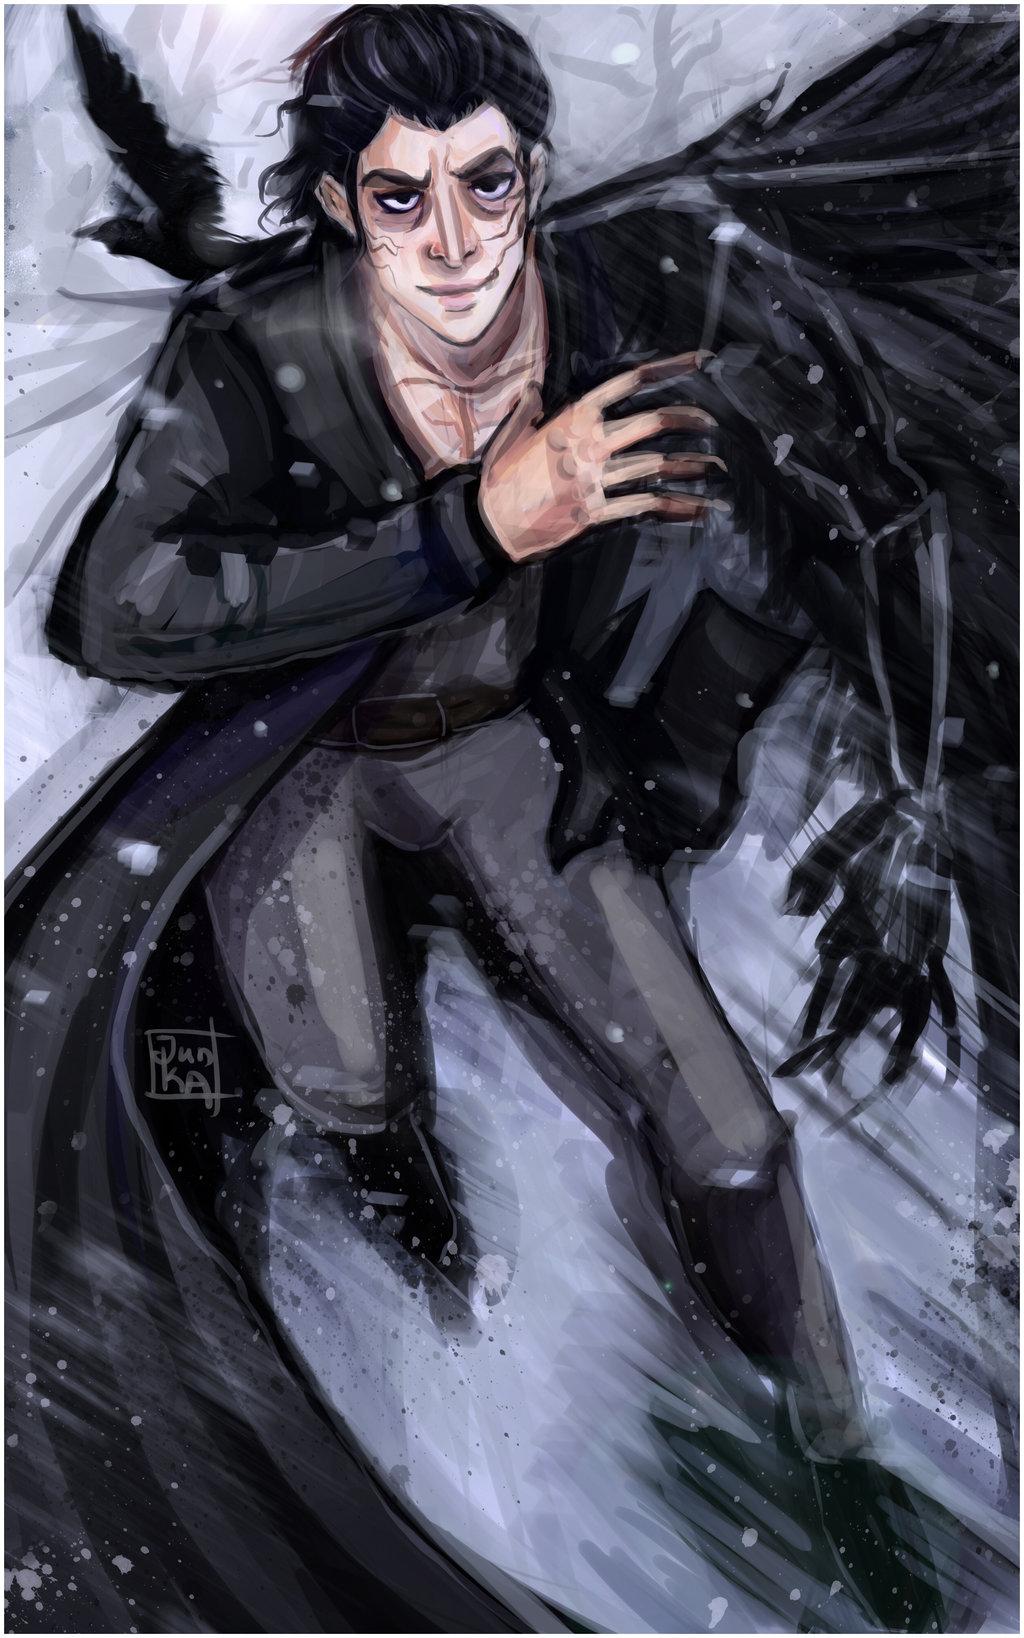 Drawn raven maleficent Maleficent Maleficent on by DeviantArt